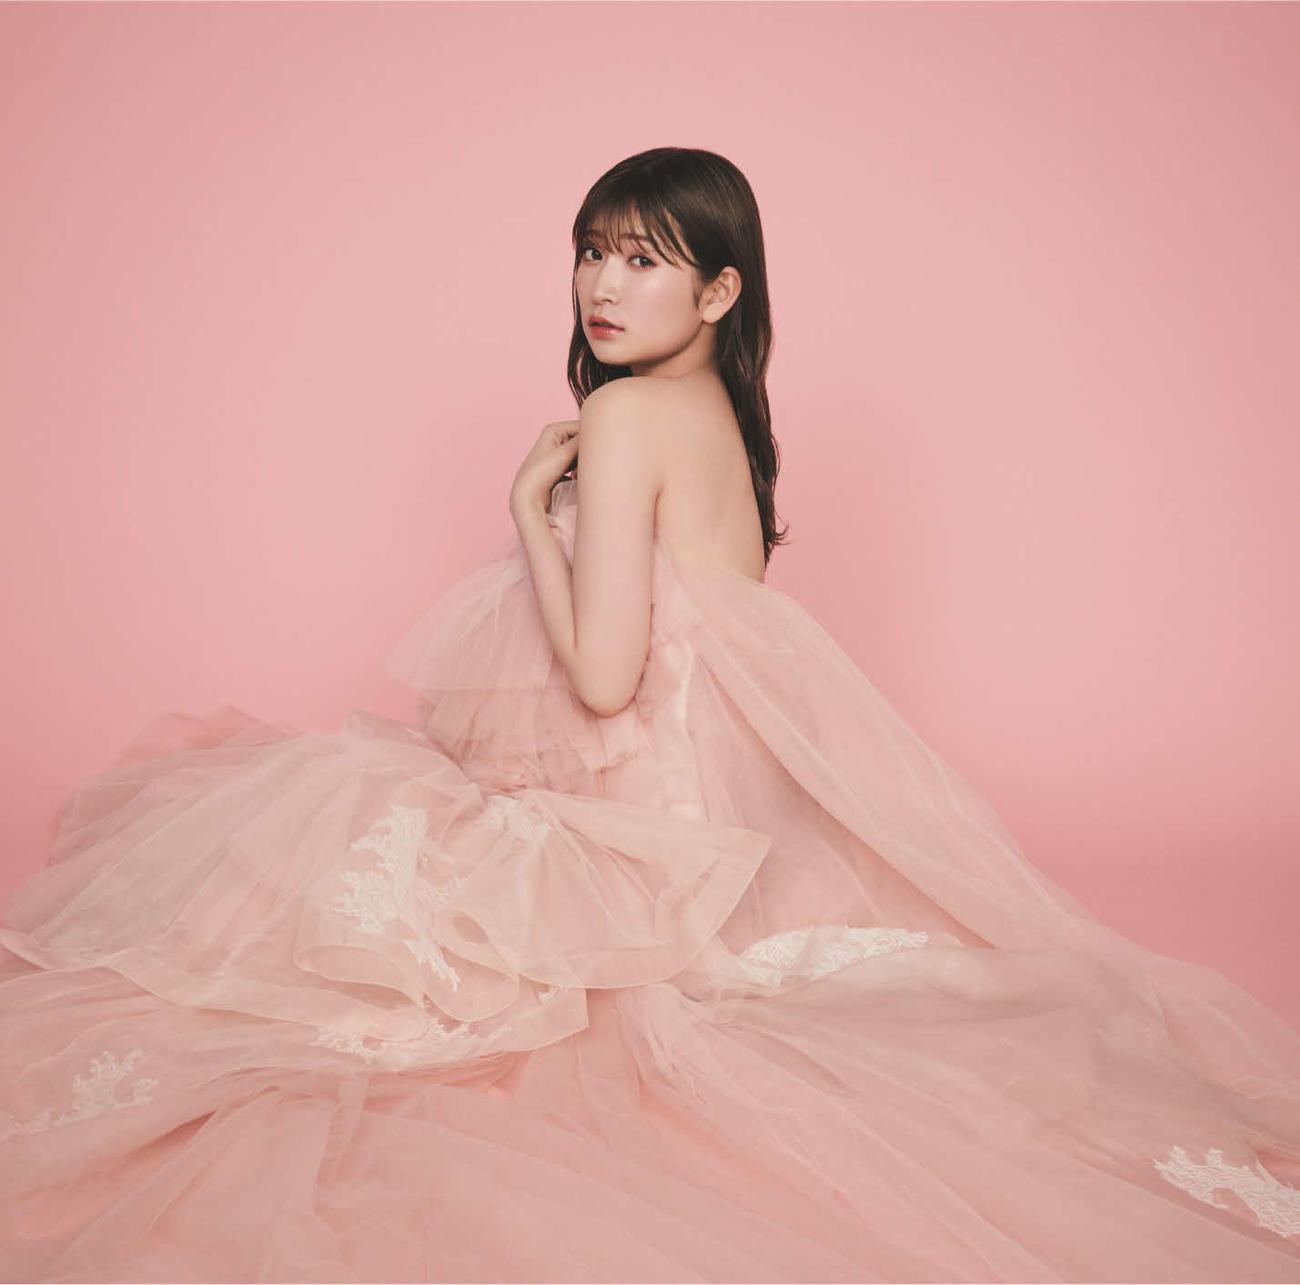 11月18日発売の24枚目シングル「恋なんかNo thank you!」の完全生産限定盤 (C)NMB48